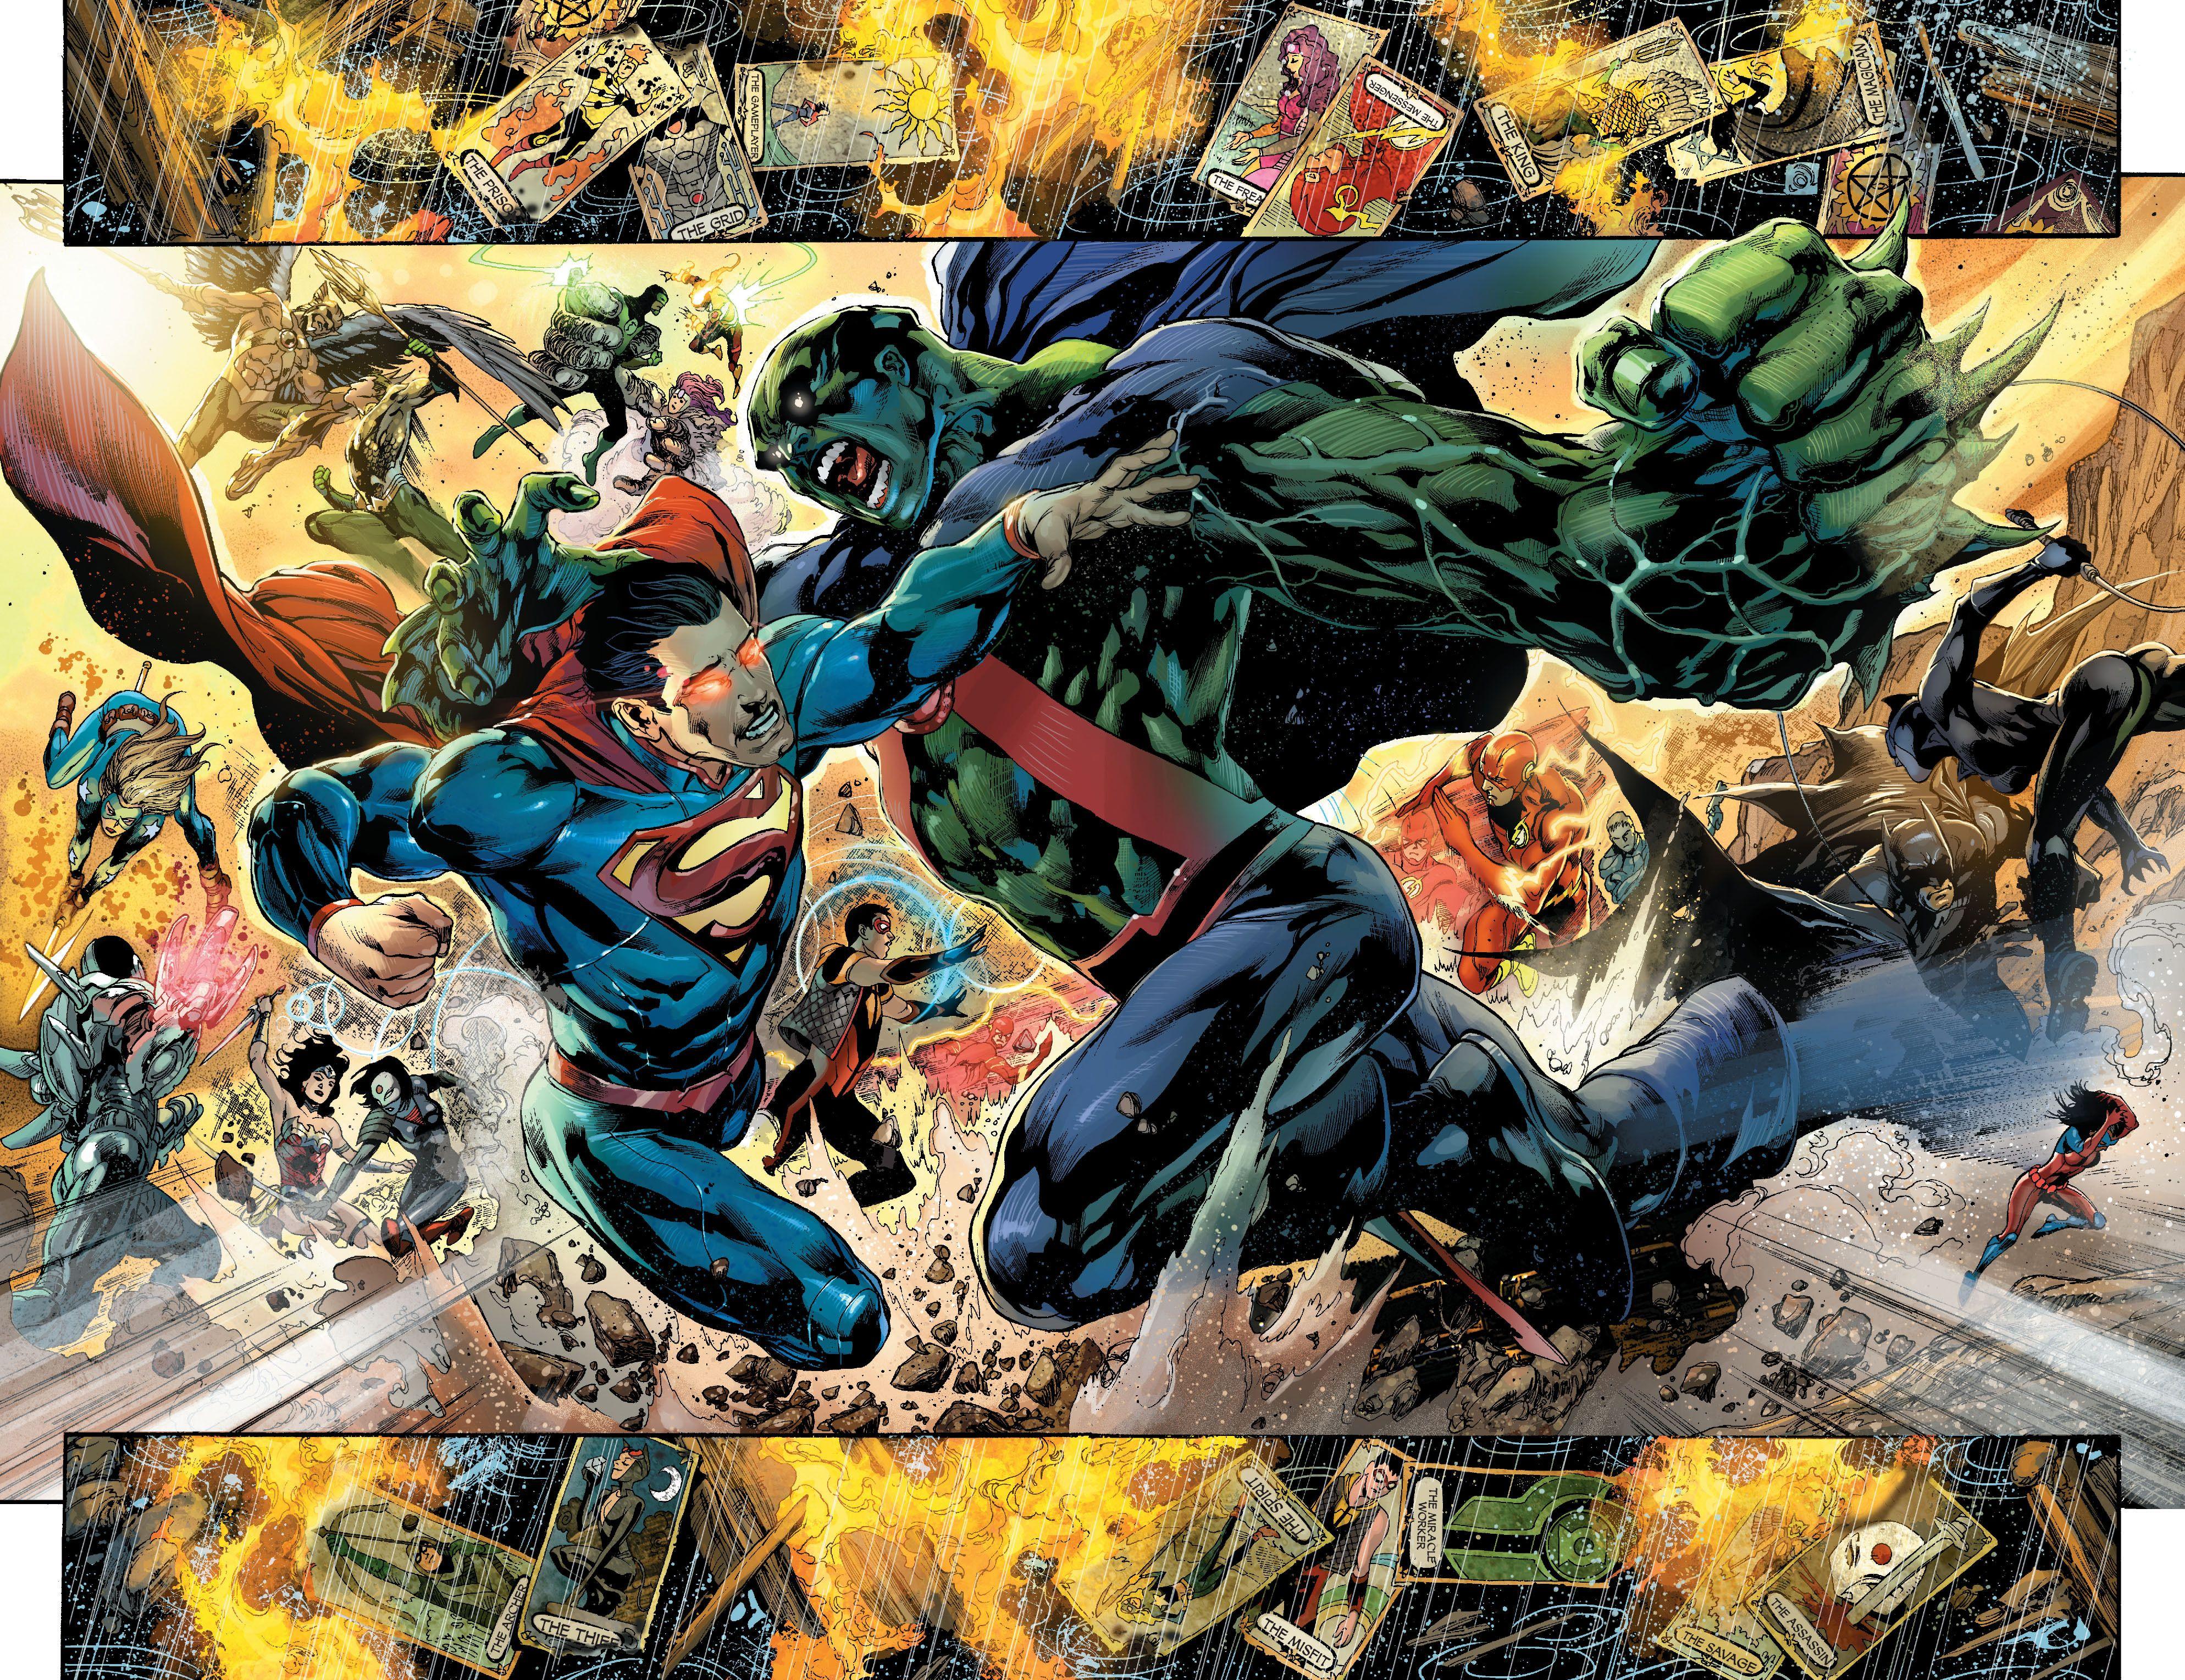 Deadshot wallpaper galleryhip com the hippest galleries - Batman